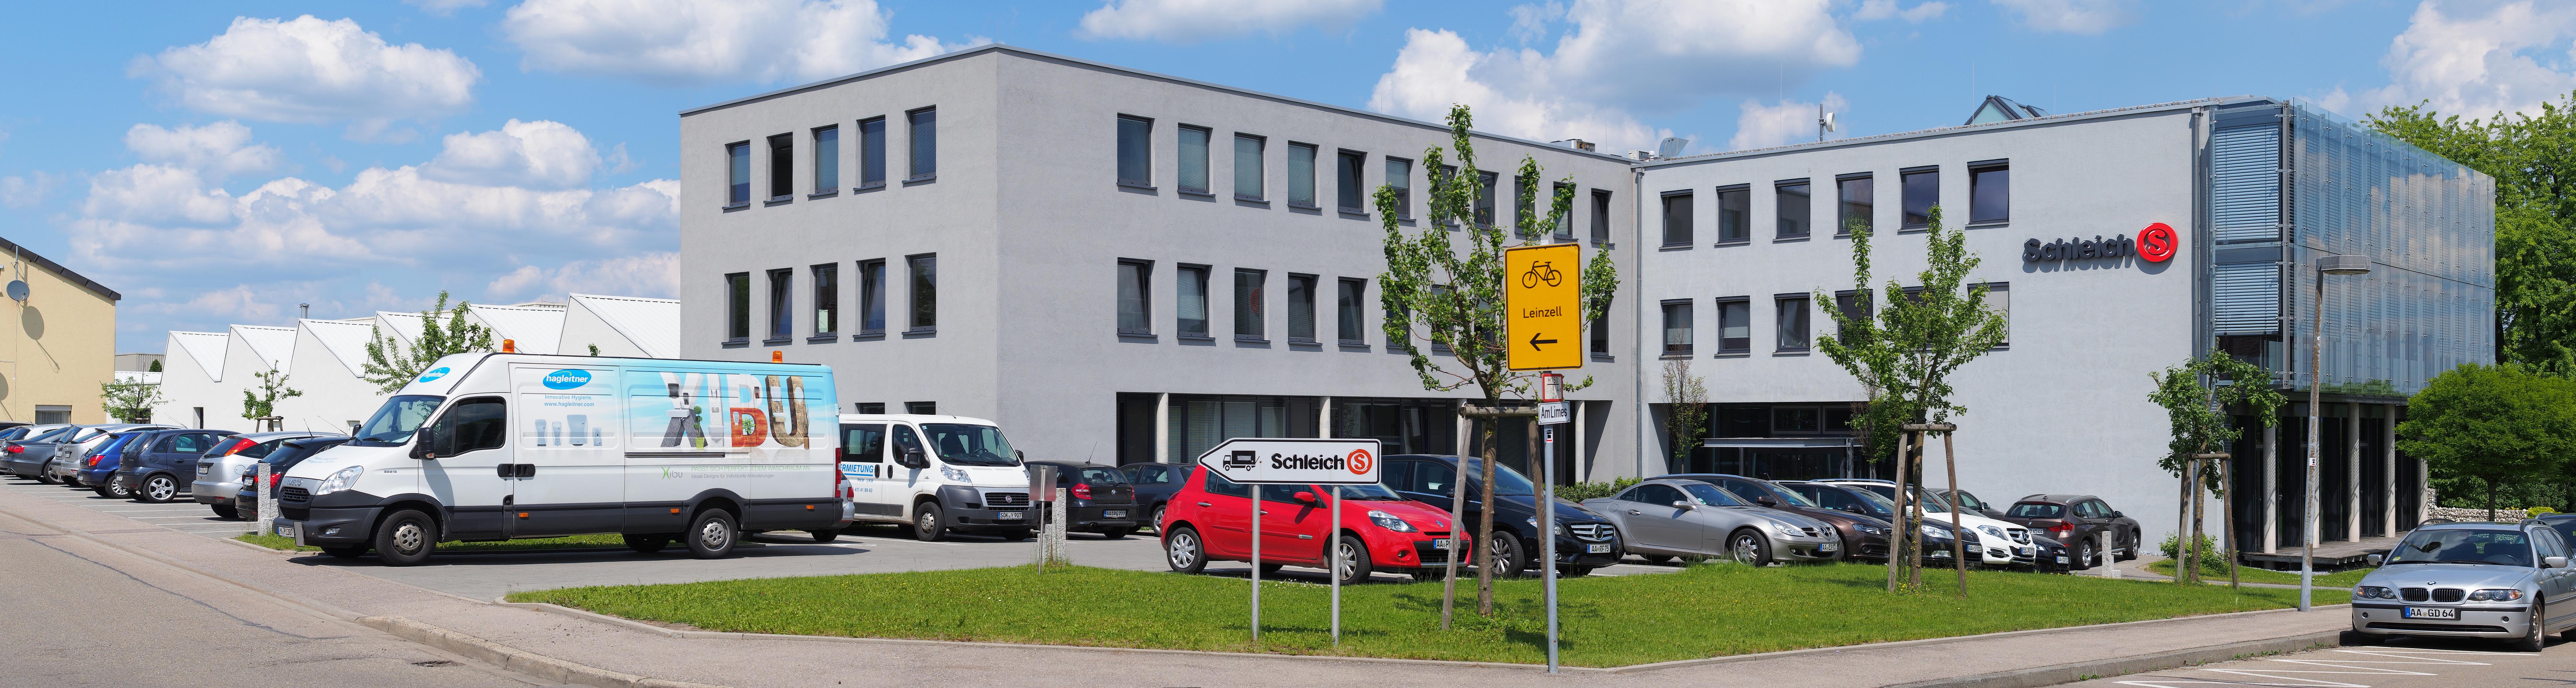 Schleich headquarters in Schwäbisch Gmünd